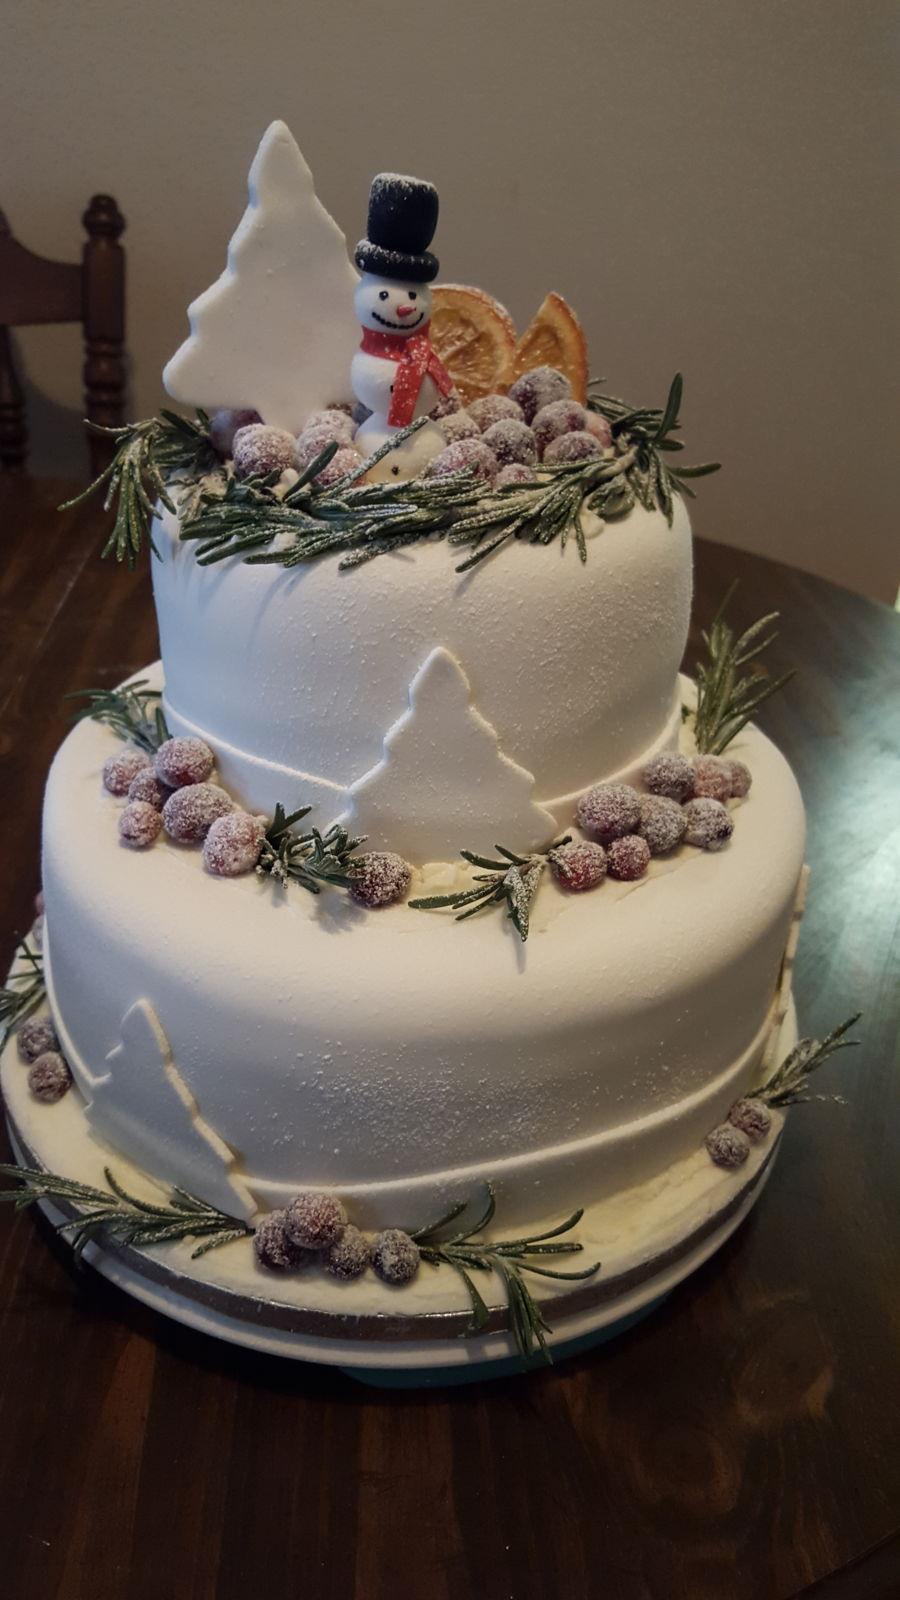 Christmas Cake Decorations Tesco : Christmas Cake - CakeCentral.com